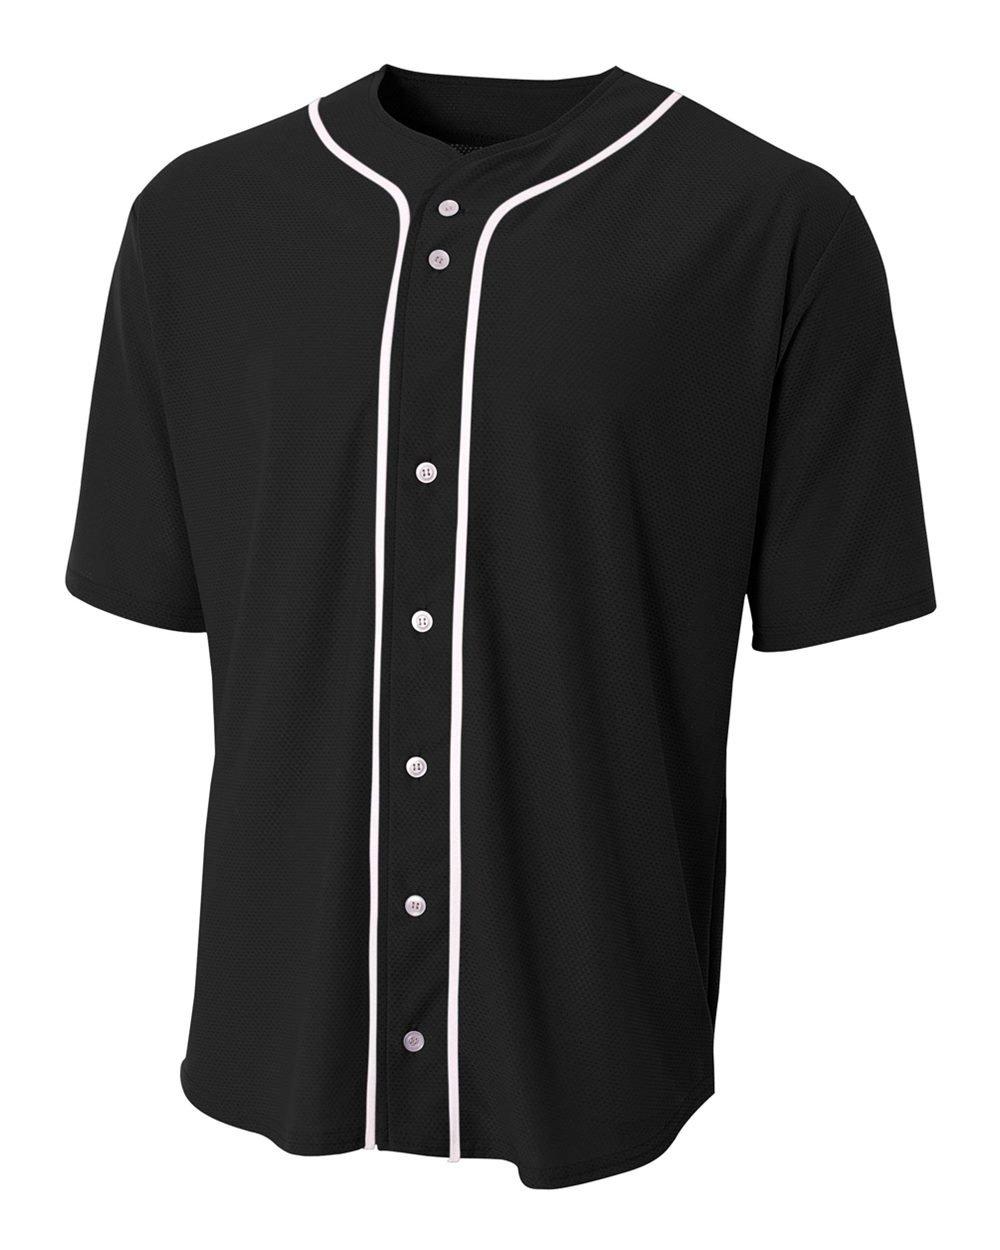 野球フルボタンカスタムまたは空白Wicking Jersey ( 8 Uniform色で子供大人用シャツサイズ10 ) B01M7SVU4T Youth Medium|Black (Blank) Black (Blank) Youth Medium